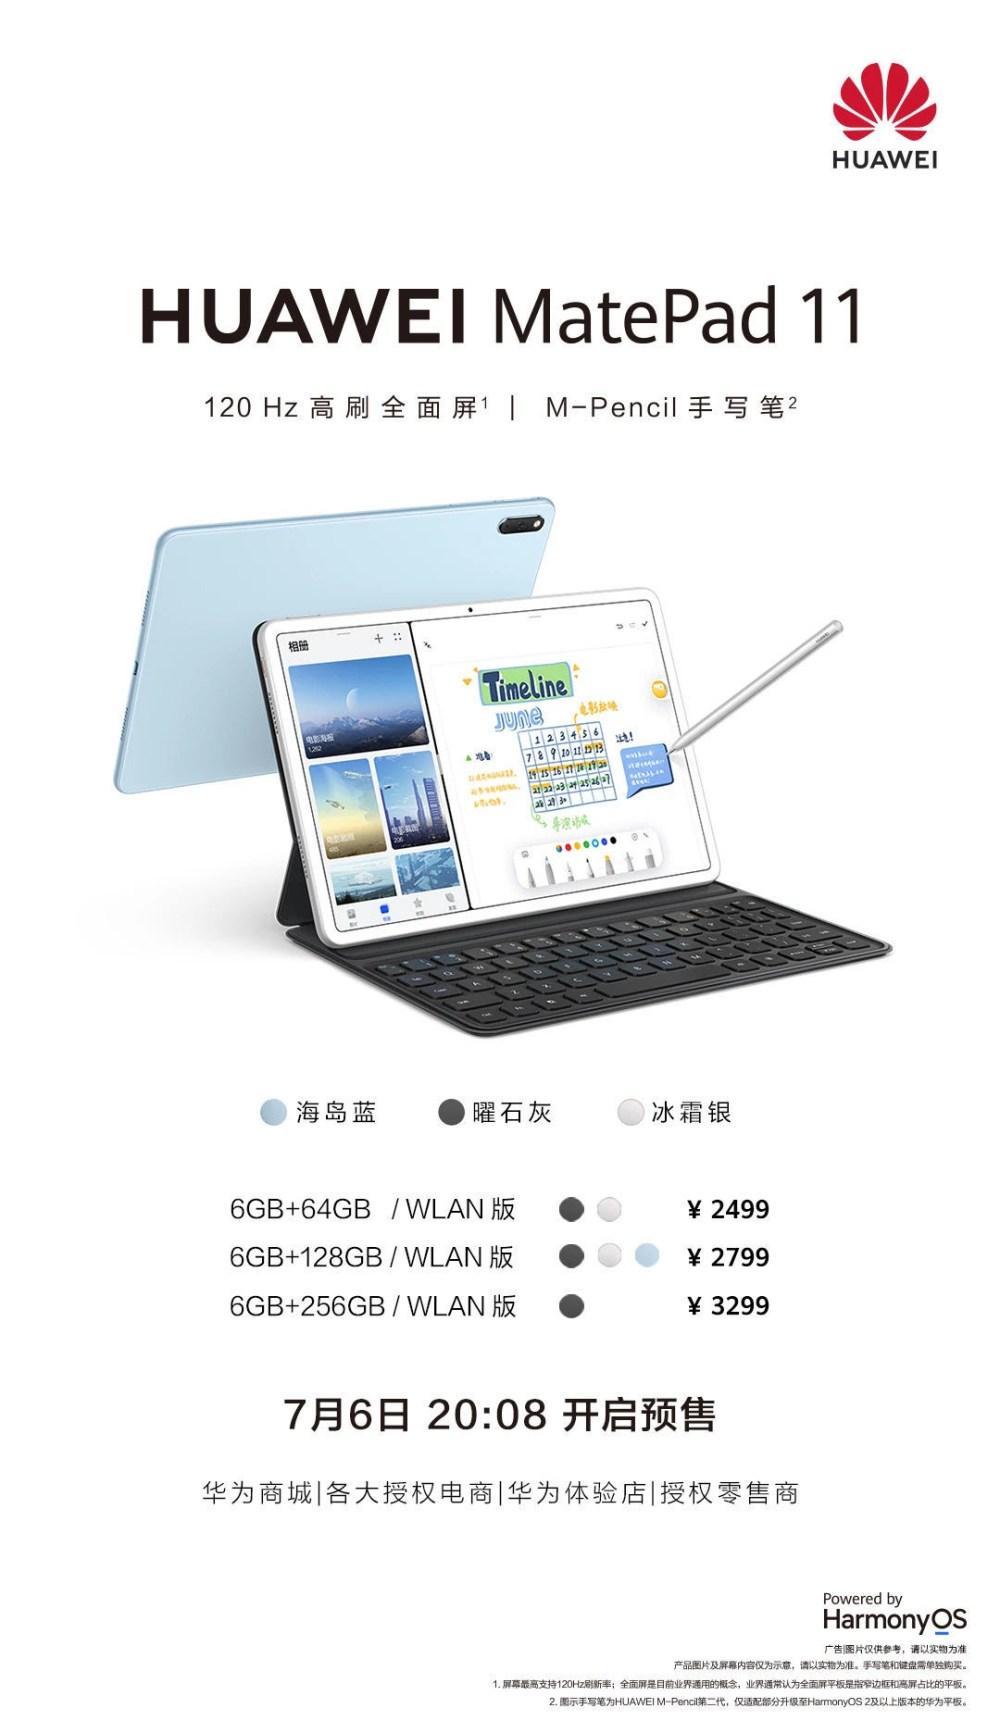 Huawei MatePad 11- HU